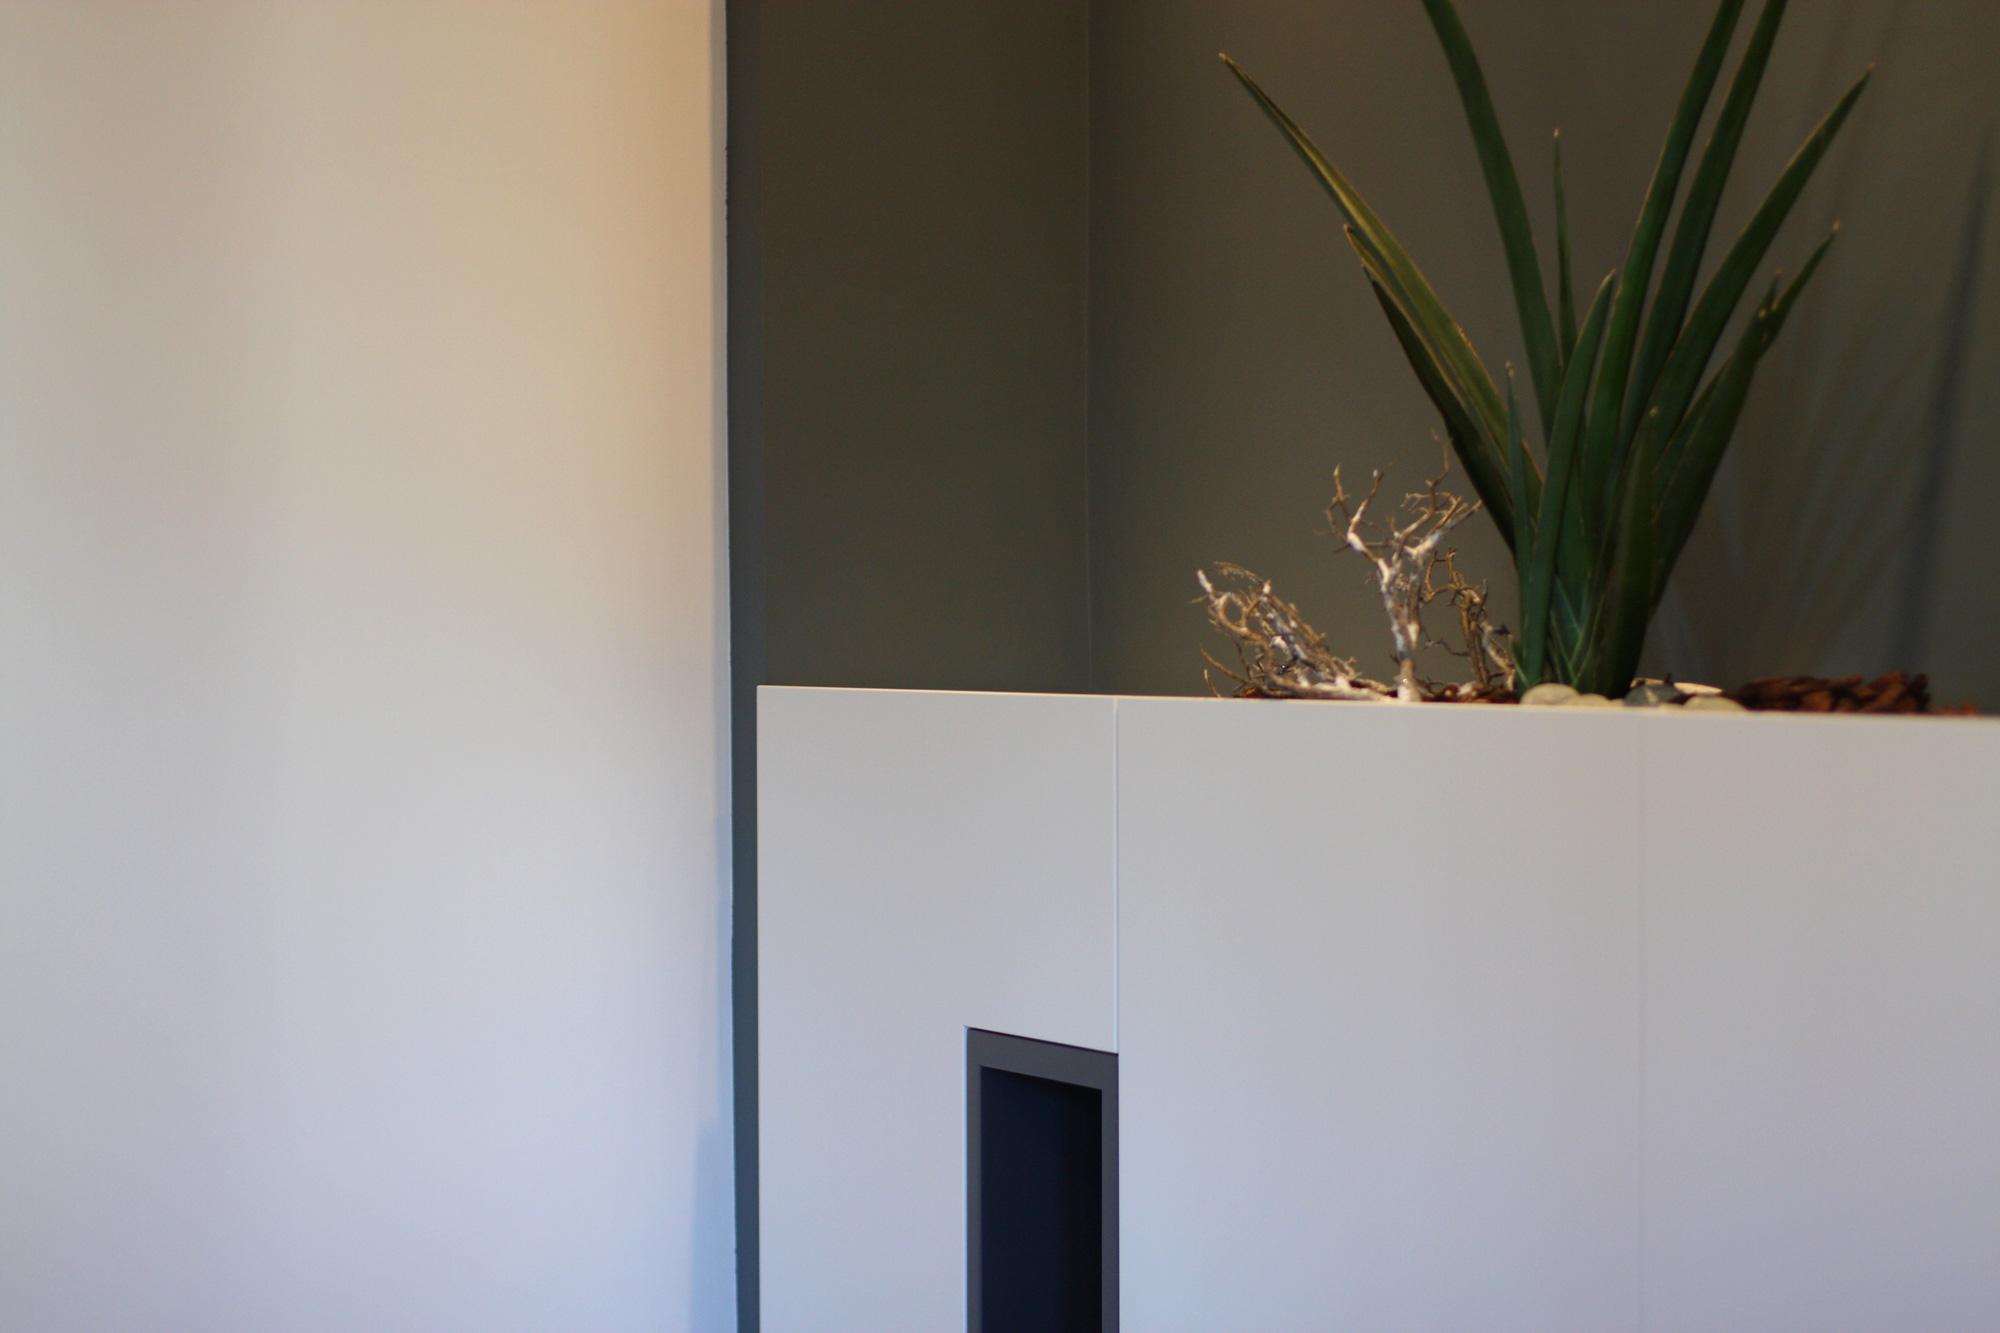 Design d arredi progetto studio architettura d 39 interni for Designer d interni